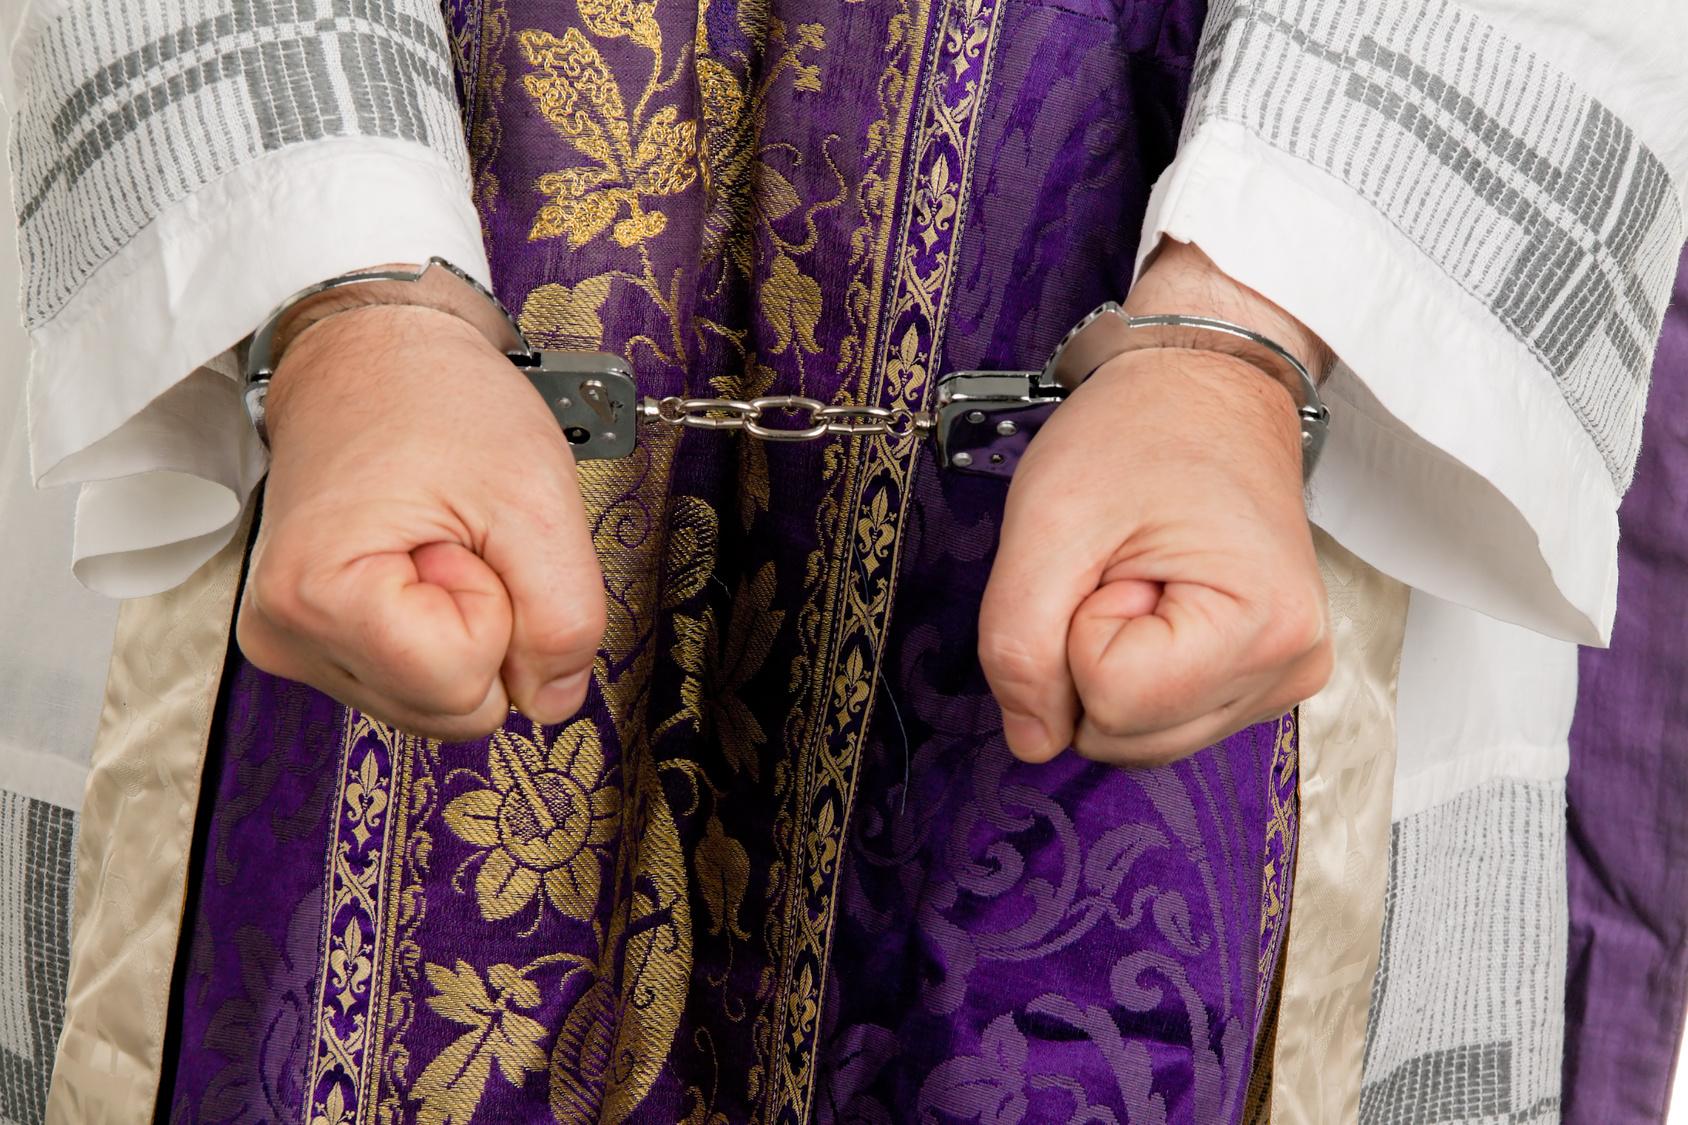 24 Opfer Nonne unterstützt Missbrauch durch Priester